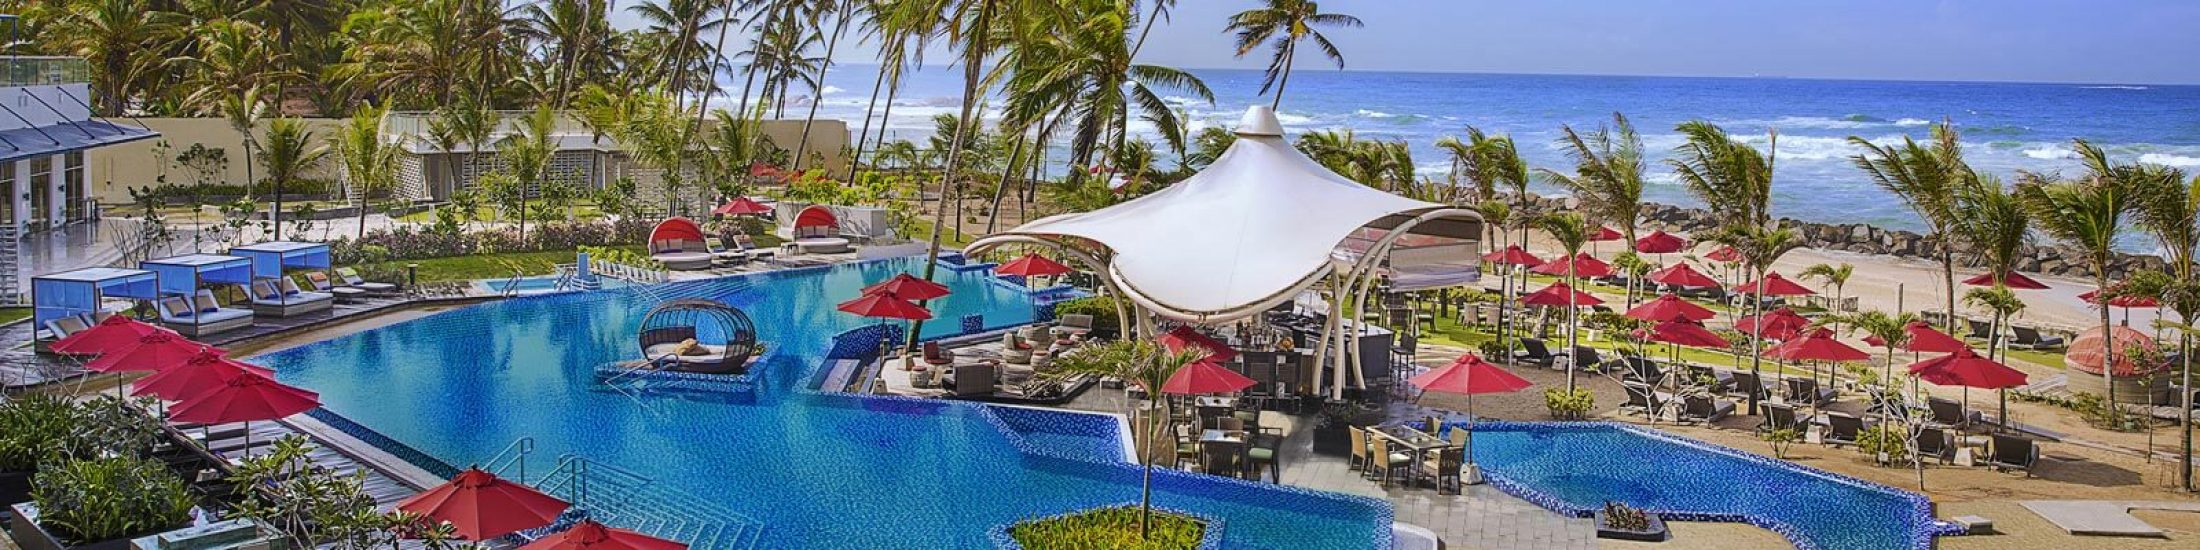 Maladewa / Maldives Hotel dan Resort Kami Berbasis di Tarif Murah Maladewa